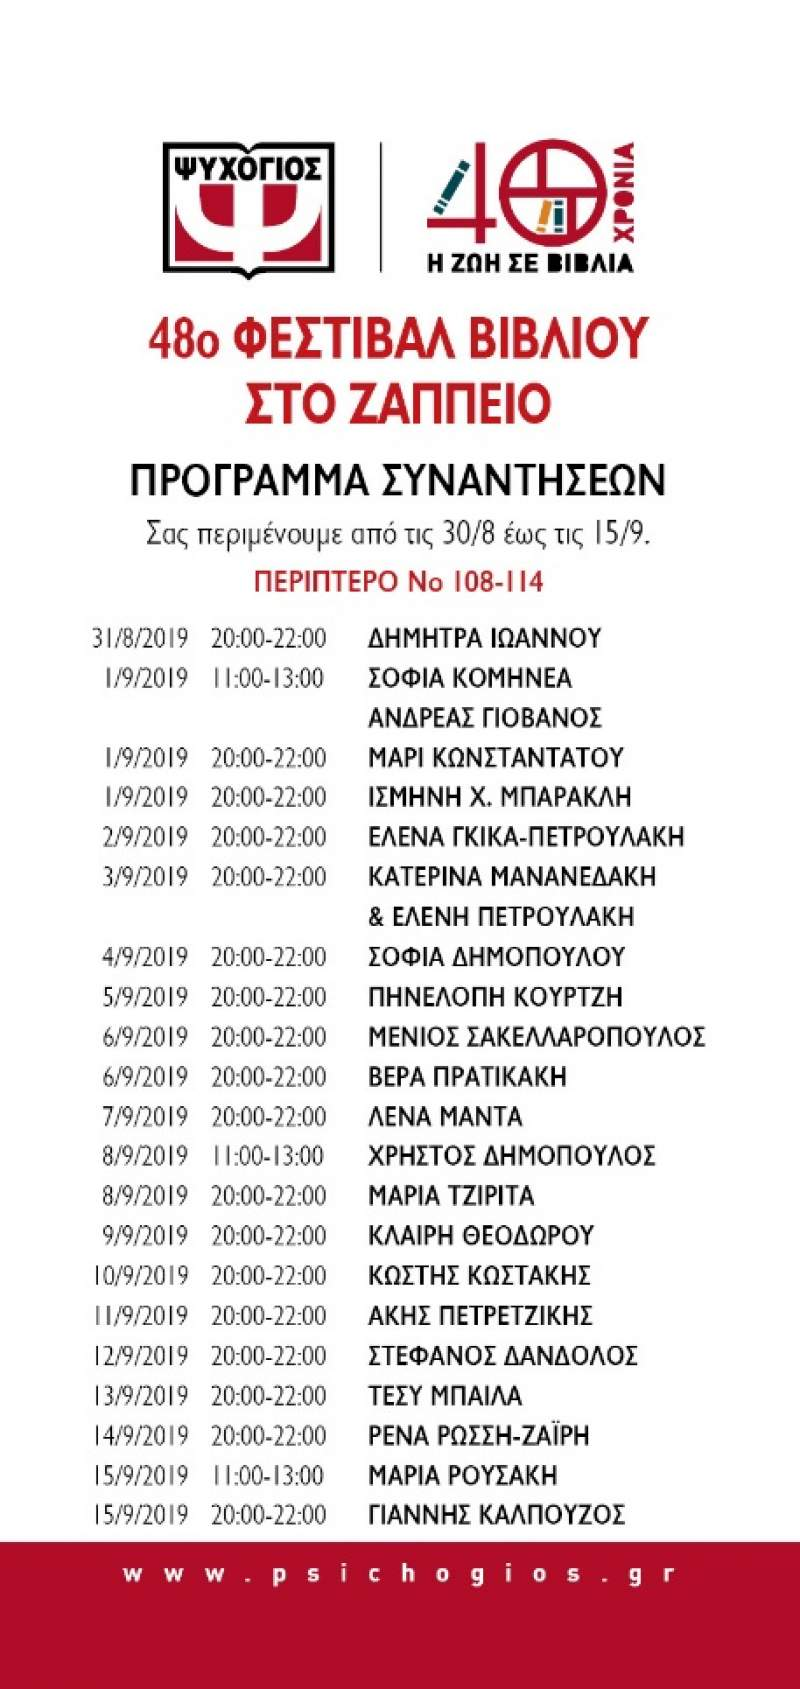 , 48ο Φεστιβάλ Βιβλίου | Πρόγραμμα εκδηλώσεων των εκδόσεων Ψυχογιός